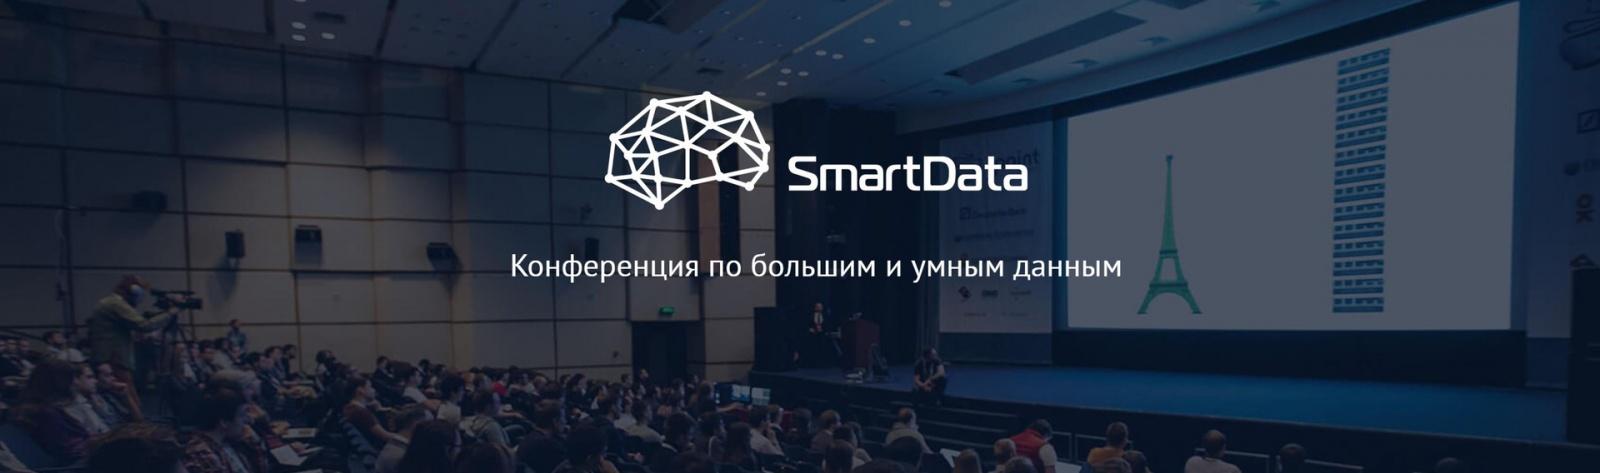 SmartData — новая конференция по большим и умным данным от JUG.ru Group - 1